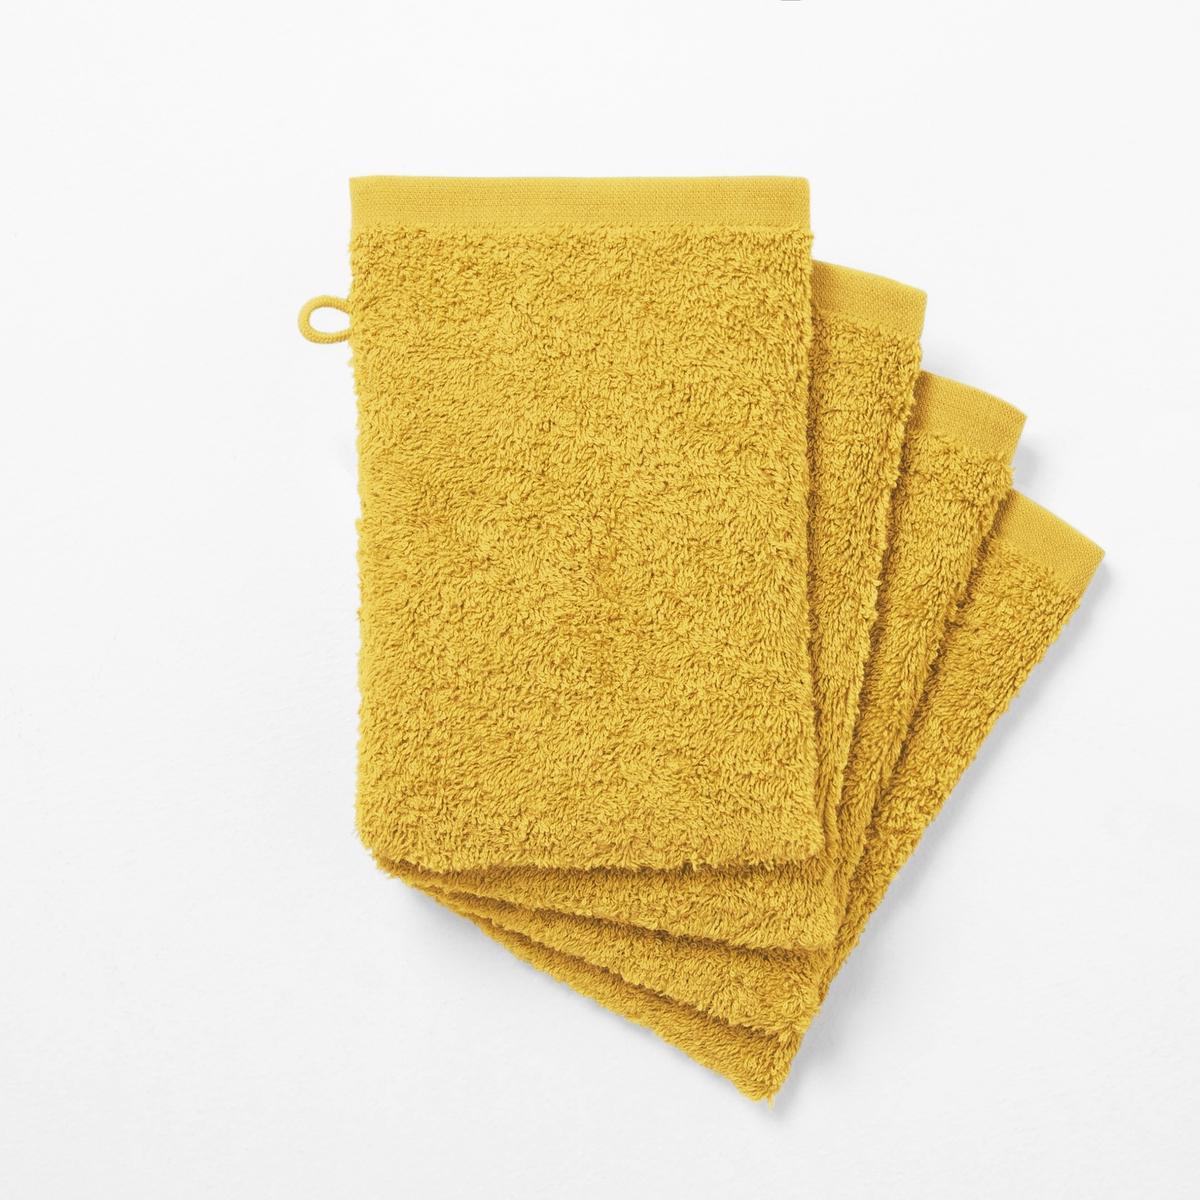 Комплект из 4 банных рукавичек 500 г/м?Банные рукавички из высококачественной махровой ткани, 100% хлопок, (500 г/м?), очень нежной, мягкой и отлично впитывающей влагу.Банные рукавички различных цветов для ванной...Характеристики банных рукавичек :- Махровая ткань, 100% хлопок (500 г/м?).- Отделка краев диагонали.- Машинная стирка при 60 °С.- Машинная сушка.- Замечательная износоустойчивость, сохраняет мягкость и яркость окраски после многочисленных стирок.- Размеры банных рукавичек : - 15 x 21 см.Знак Oeko-Tex® гарантирует, что товары протестированы, сертифицированы и не содержат вредных для здоровья веществ.<br><br>Цвет: белый,голубой бирюзовый,желтый шафран,красный карминный,пепельно-серый,светло-розовый,серо-бежевый,серо-синий,сине-зеленый,синий морской волны,смородиновый,темно-серый,фиолетовый,черный<br>Размер: 15 x 21  см.15 x 21  см.15 x 21  см.15 x 21  см